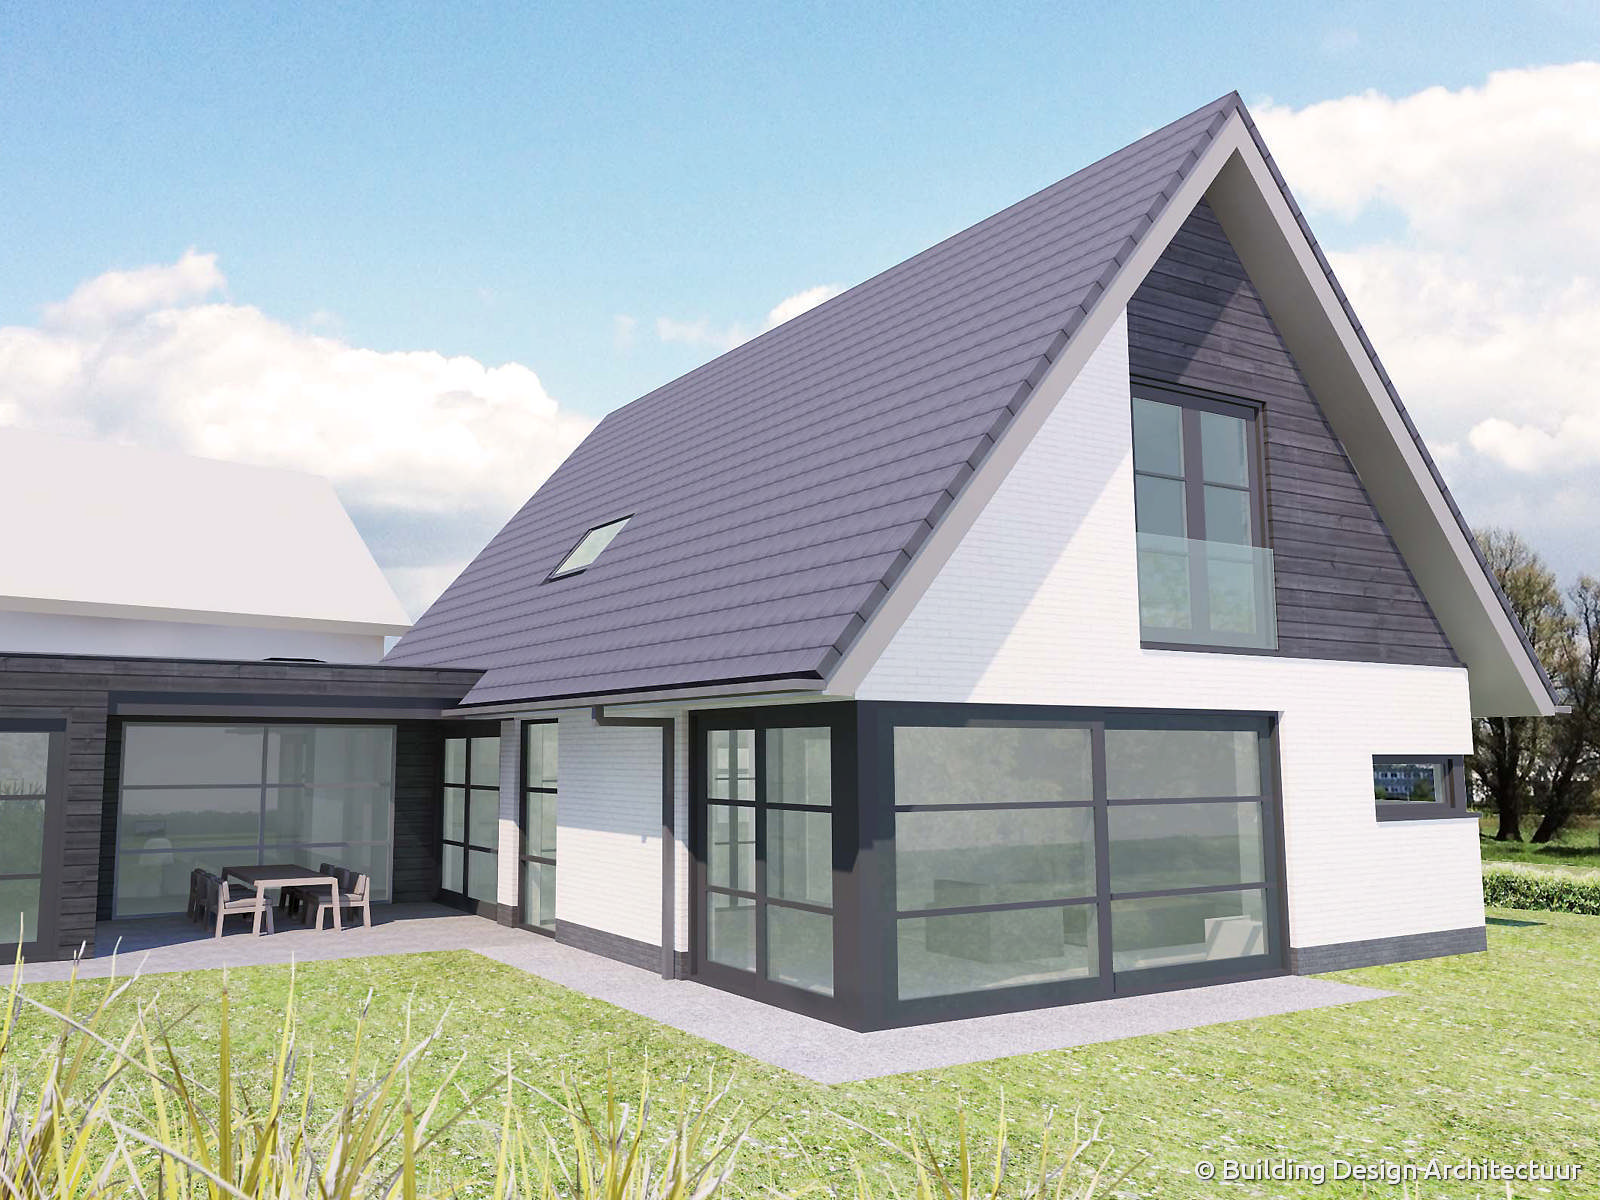 Aanbevolen 4269 moderne woning ontwerpen afbeelding foto beste voorbeelden afbeeldingen for Afbeelding van moderne huizen